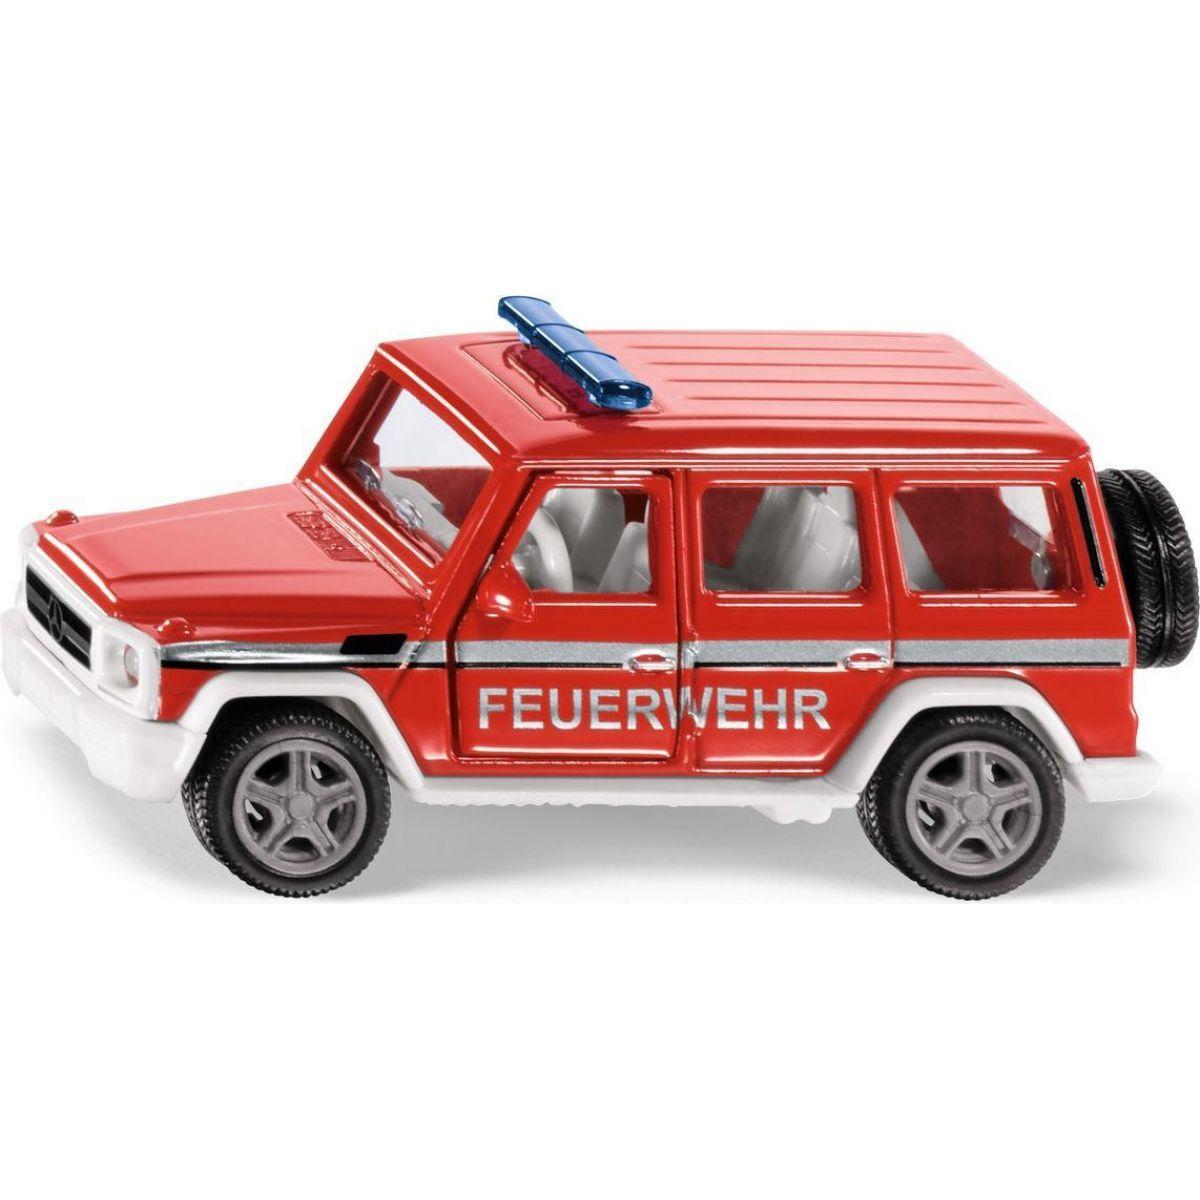 Siku 2306 požární auto